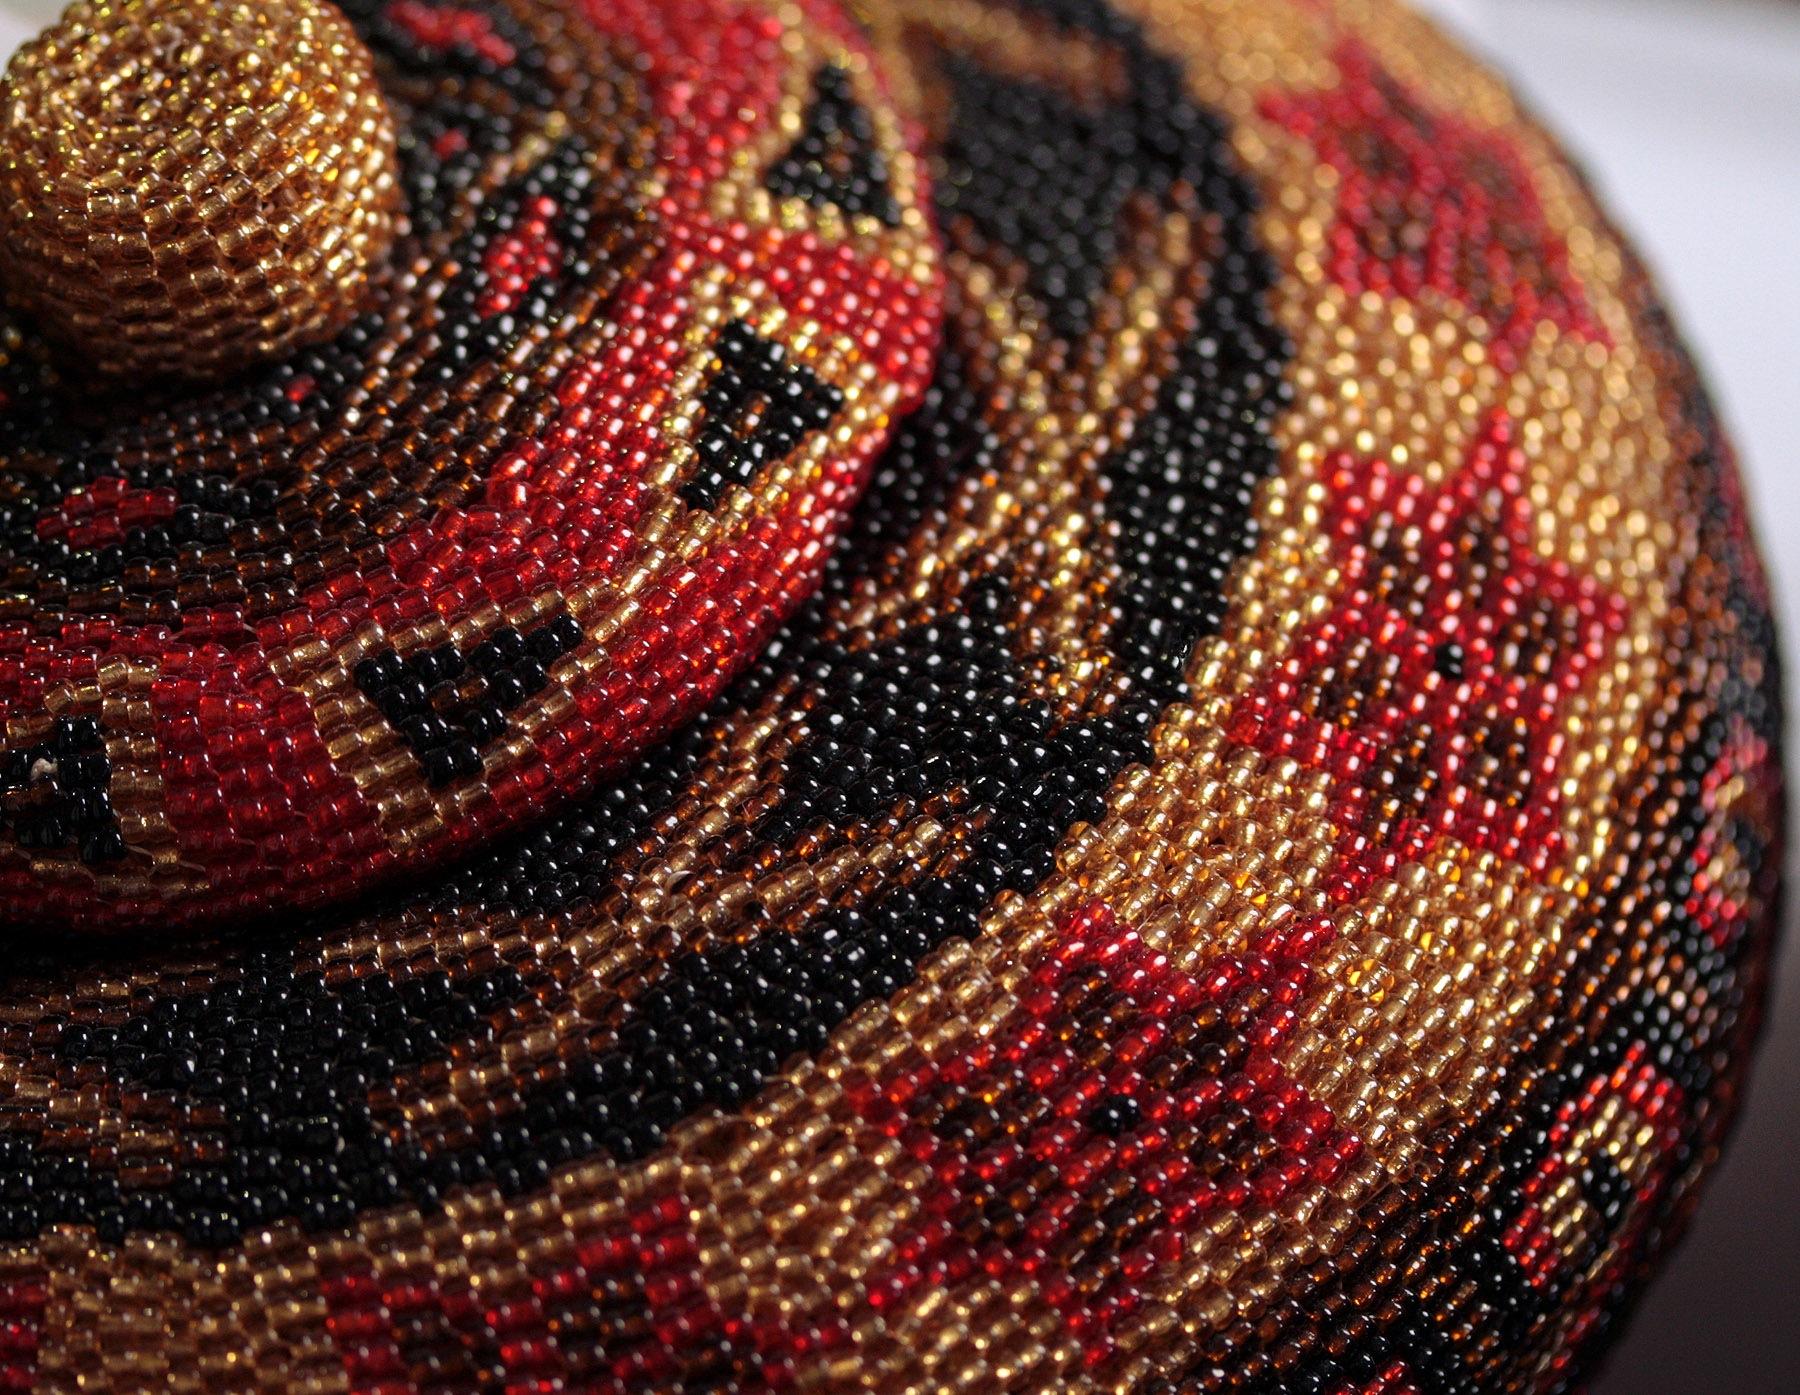 Ćup od perlica, umetnički detalj - cobalt123 via Flickr (CC BY-NC-SA 2.0)